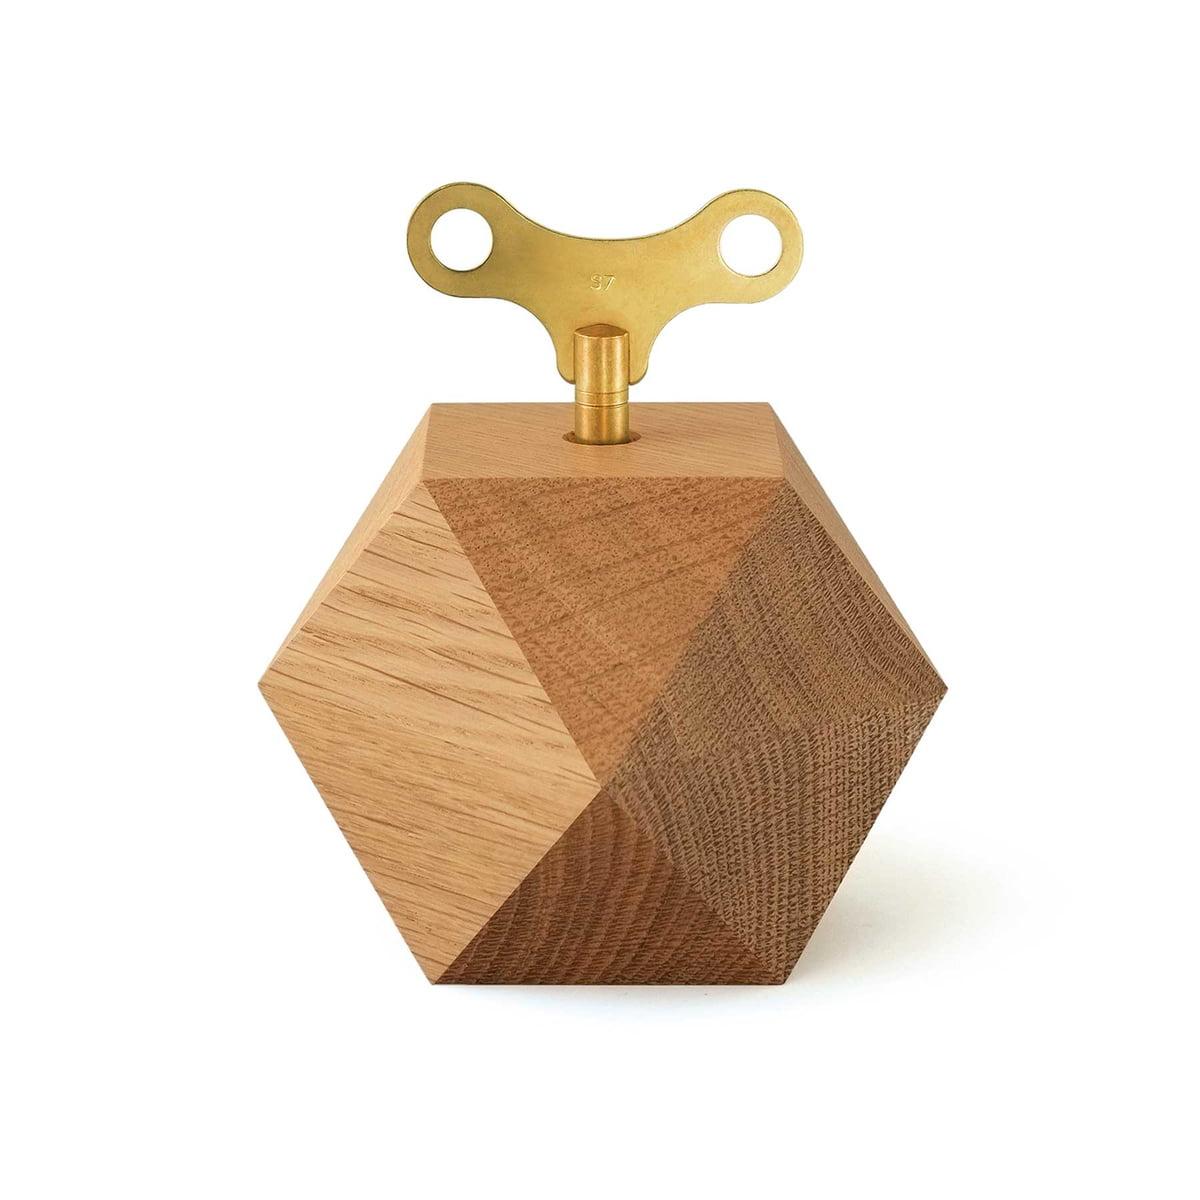 siebensachen - Diamond Spieluhr | Kinderzimmer > Spielzeuge > Spieluhren | Eiche gewachst | Eiche | siebensachen